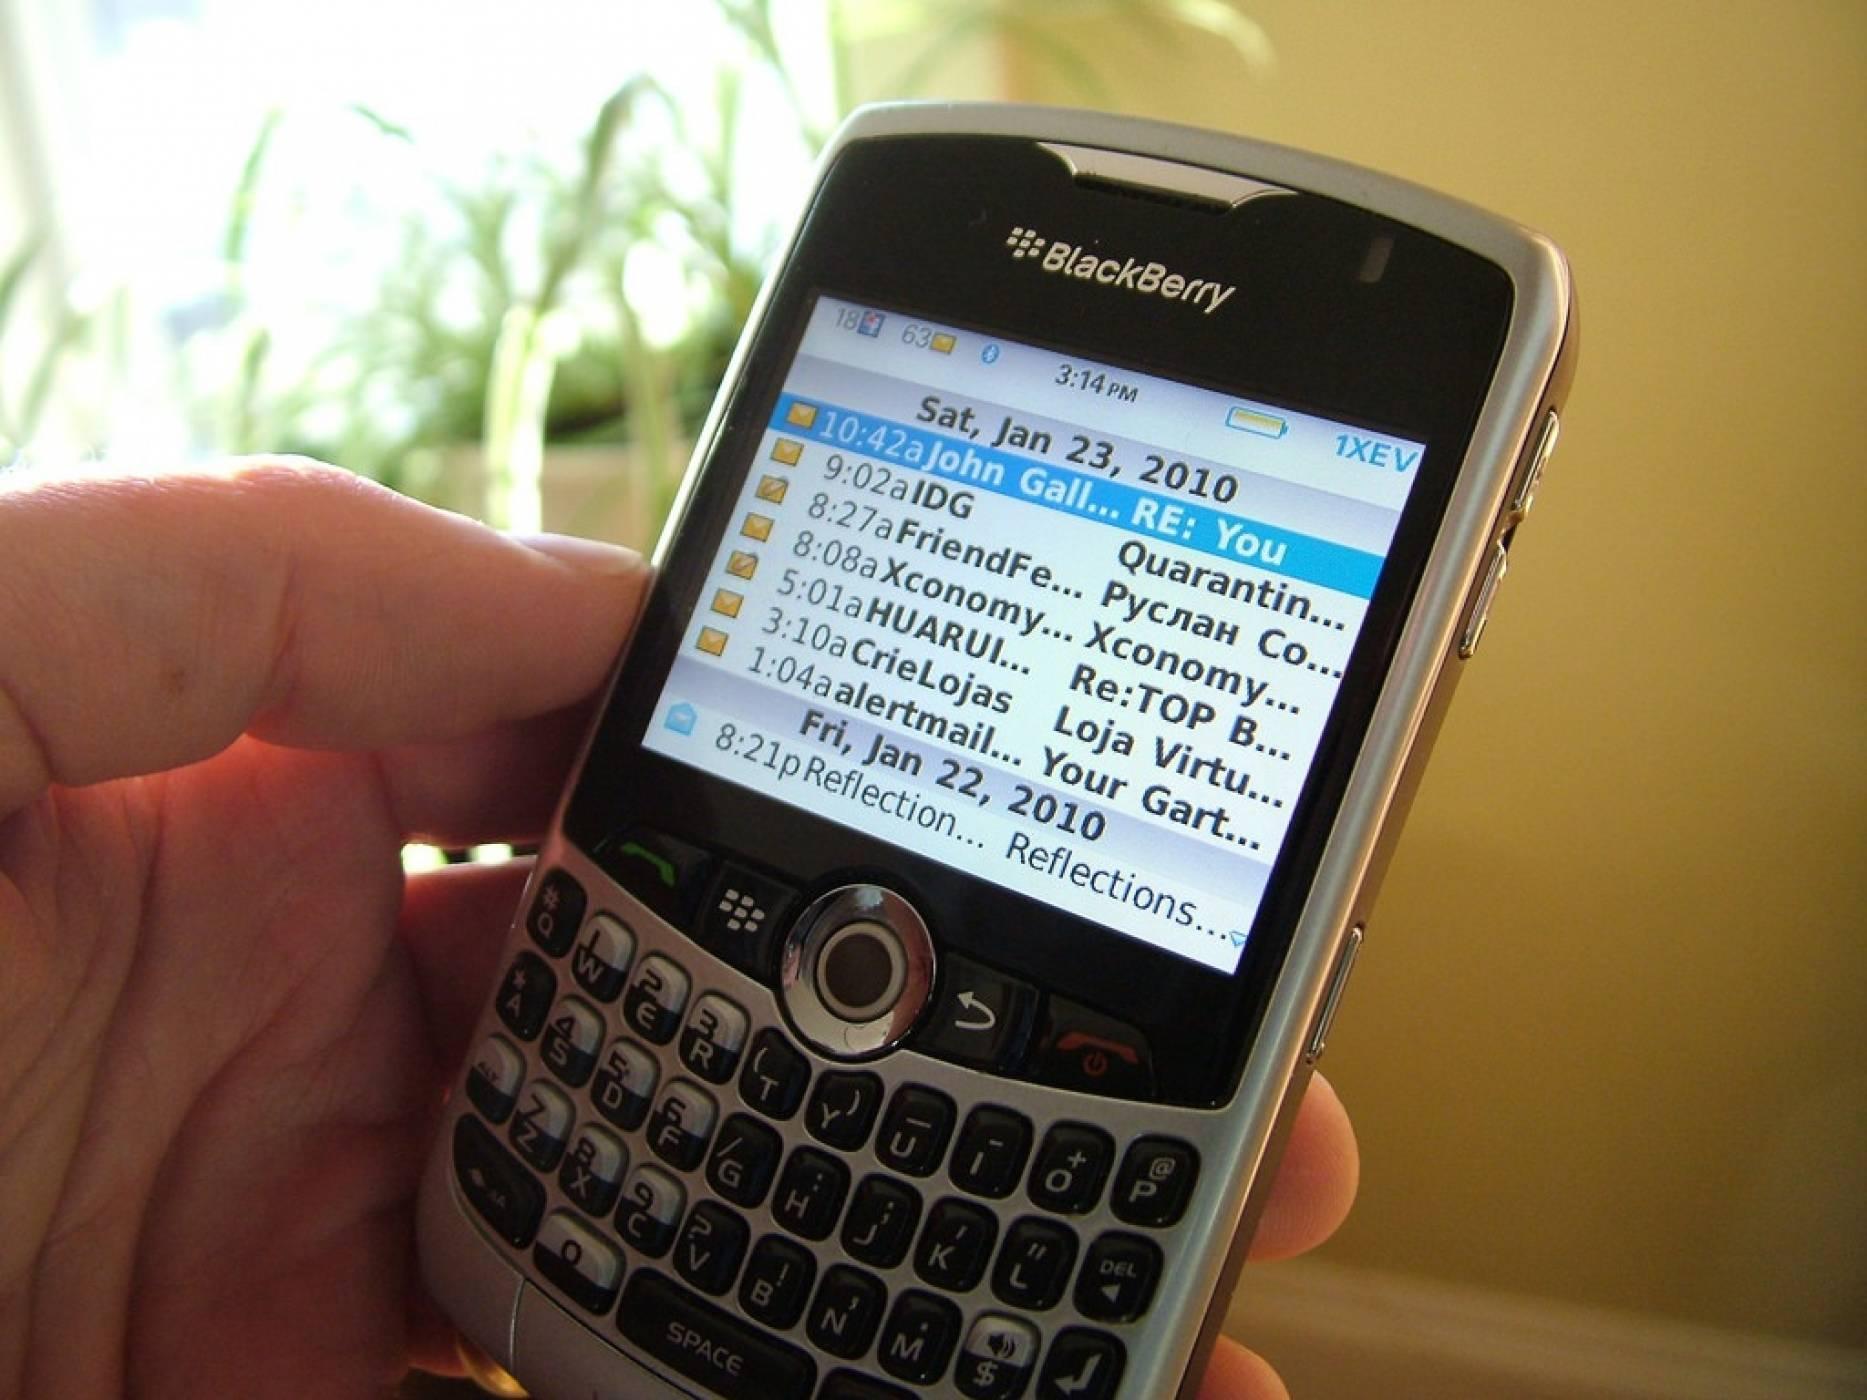 Патентни дела: новото хоби на BlackBerry достигна и Snap